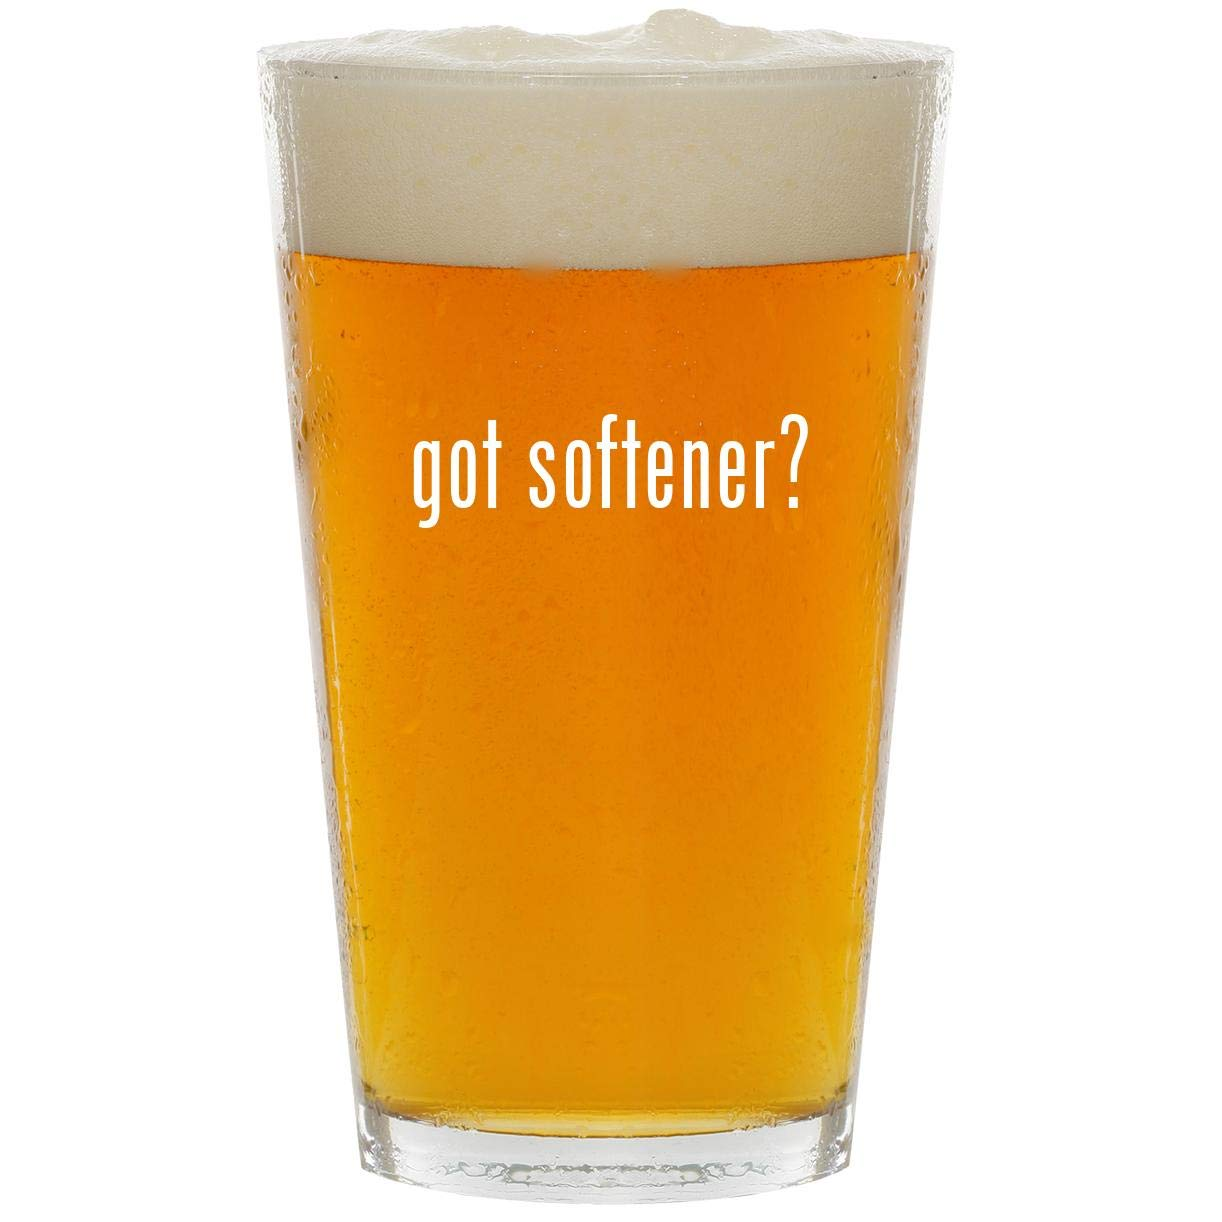 got softener? - Glass 16oz Beer Pint